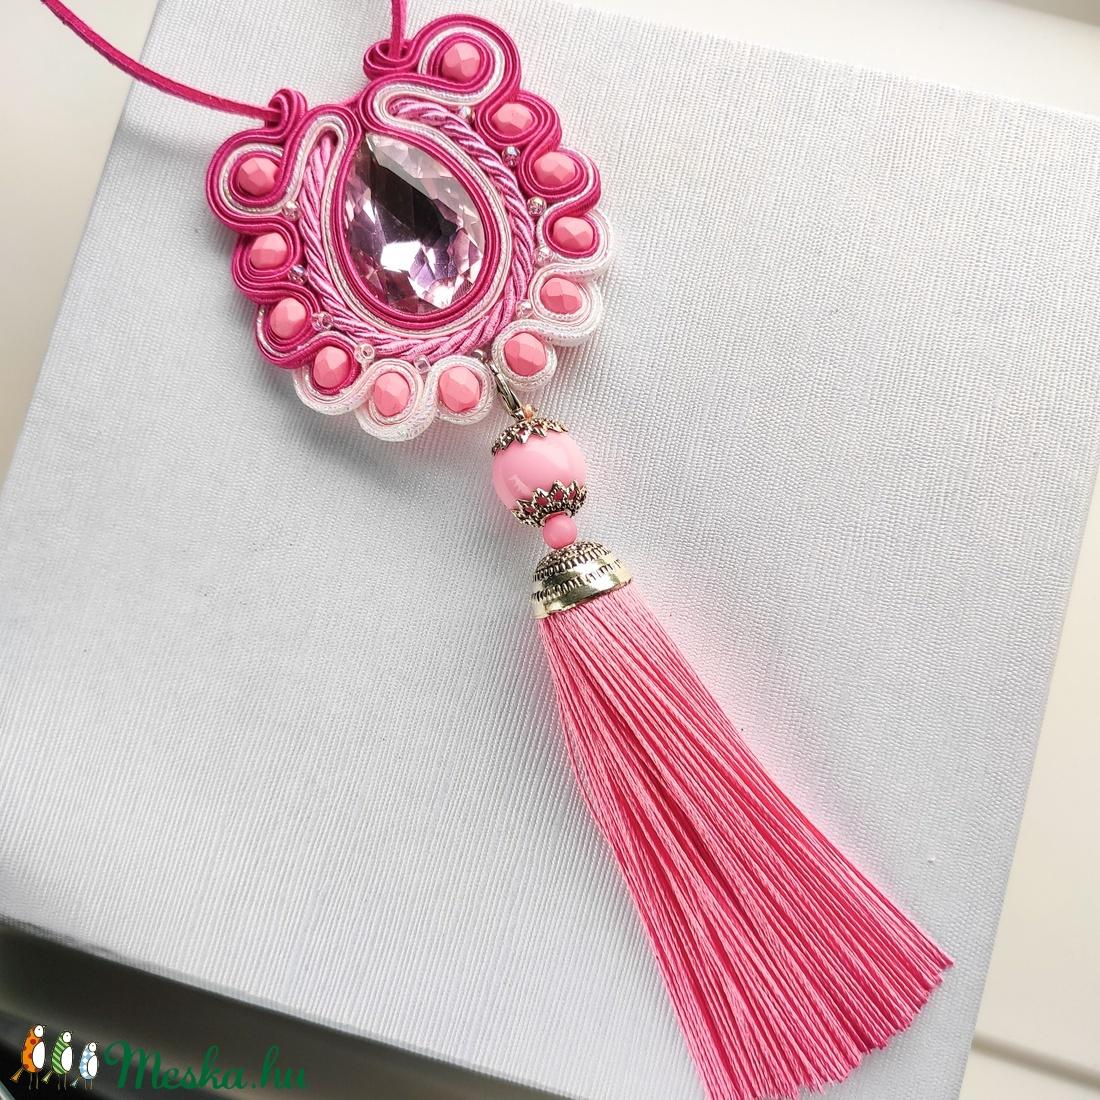 Rózsaszín fehér bojtos sujtás nyaklánc, medál, sujtás egyedi ékszer, antiallergén, bőrbarát sújtás - ékszer - nyaklánc - bojtos nyaklánc - Meska.hu